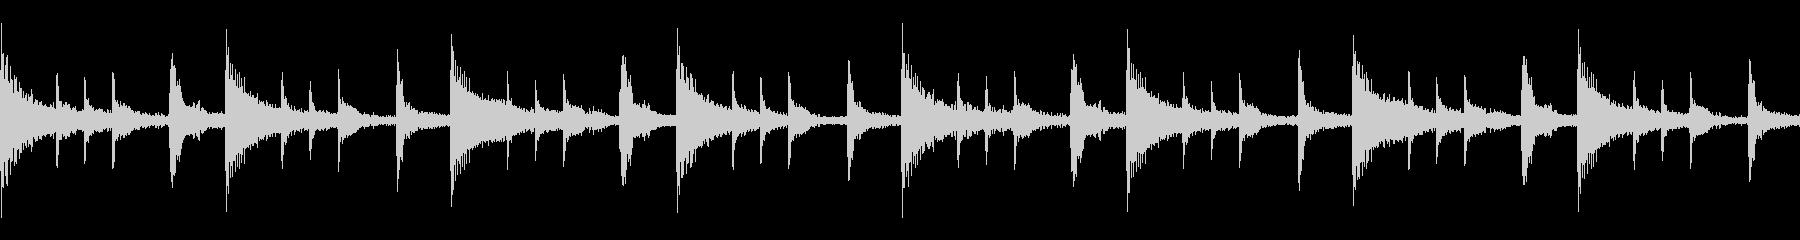 不思議な民族楽器パーカッション(ループ)の未再生の波形